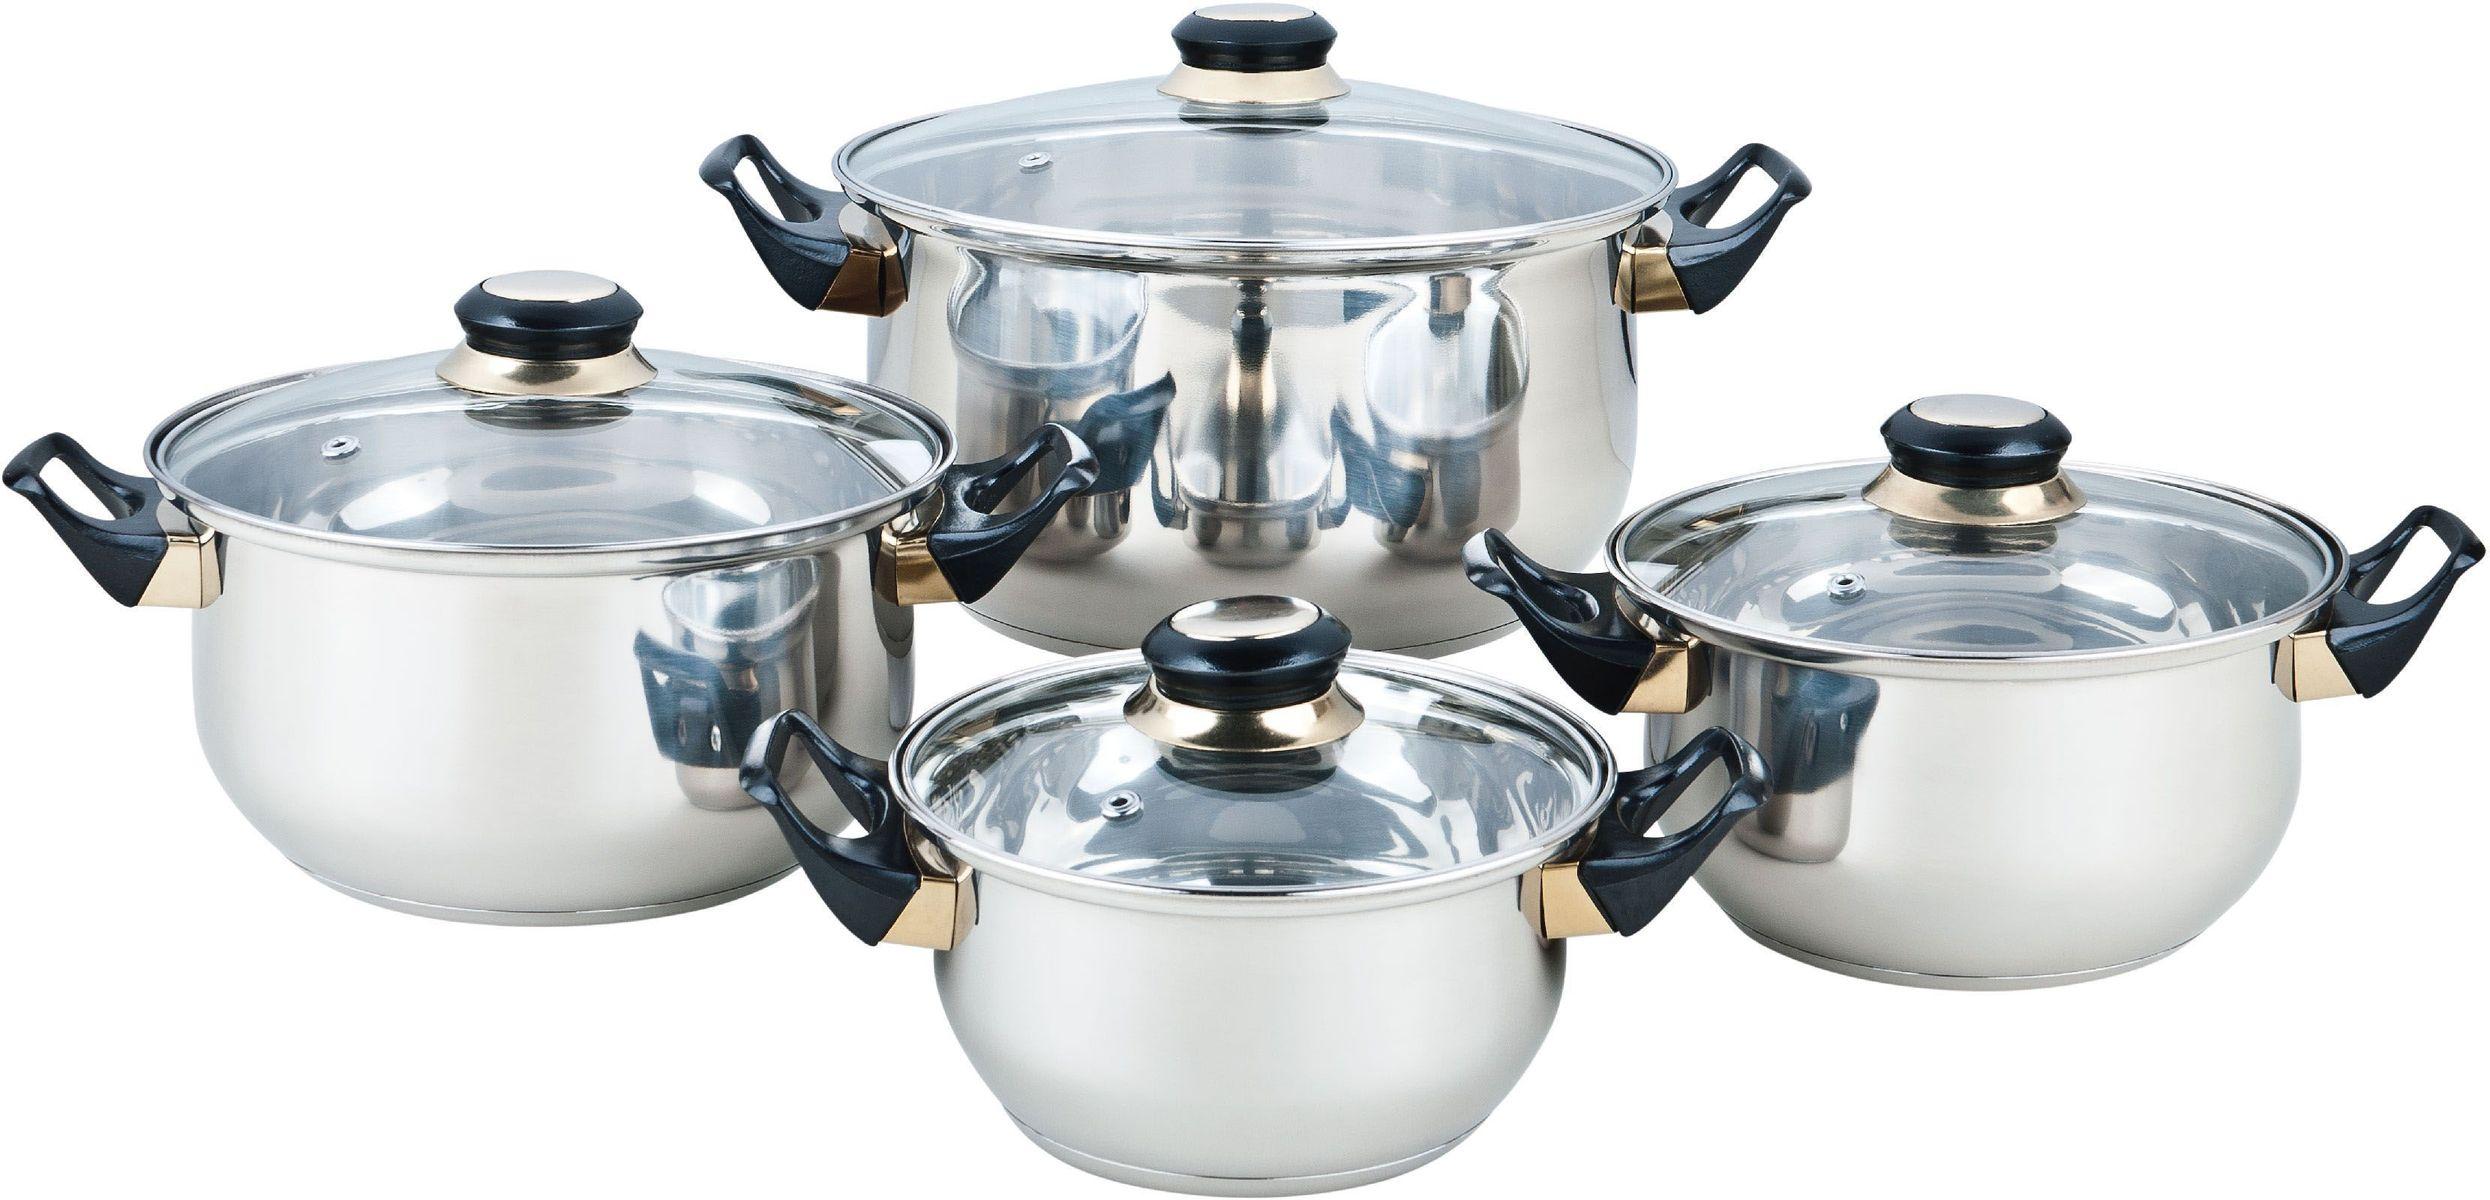 Набор посуды Bekker Classic, 8 предметов. BK-4602BK-46028 предметов: 4 кастрюли со стеклянными крышками 16см/1,5л, 18см/2,1л, 20см/3л, 24см/6л. Ручки бакелитовые черные, поверхность зеркальная, капсулированное дно, толщина стенки 0,3 мм, дна 1,0 мм. Подходит для чистки в посудомоечной машине. Состав: нержавеющая сталь.